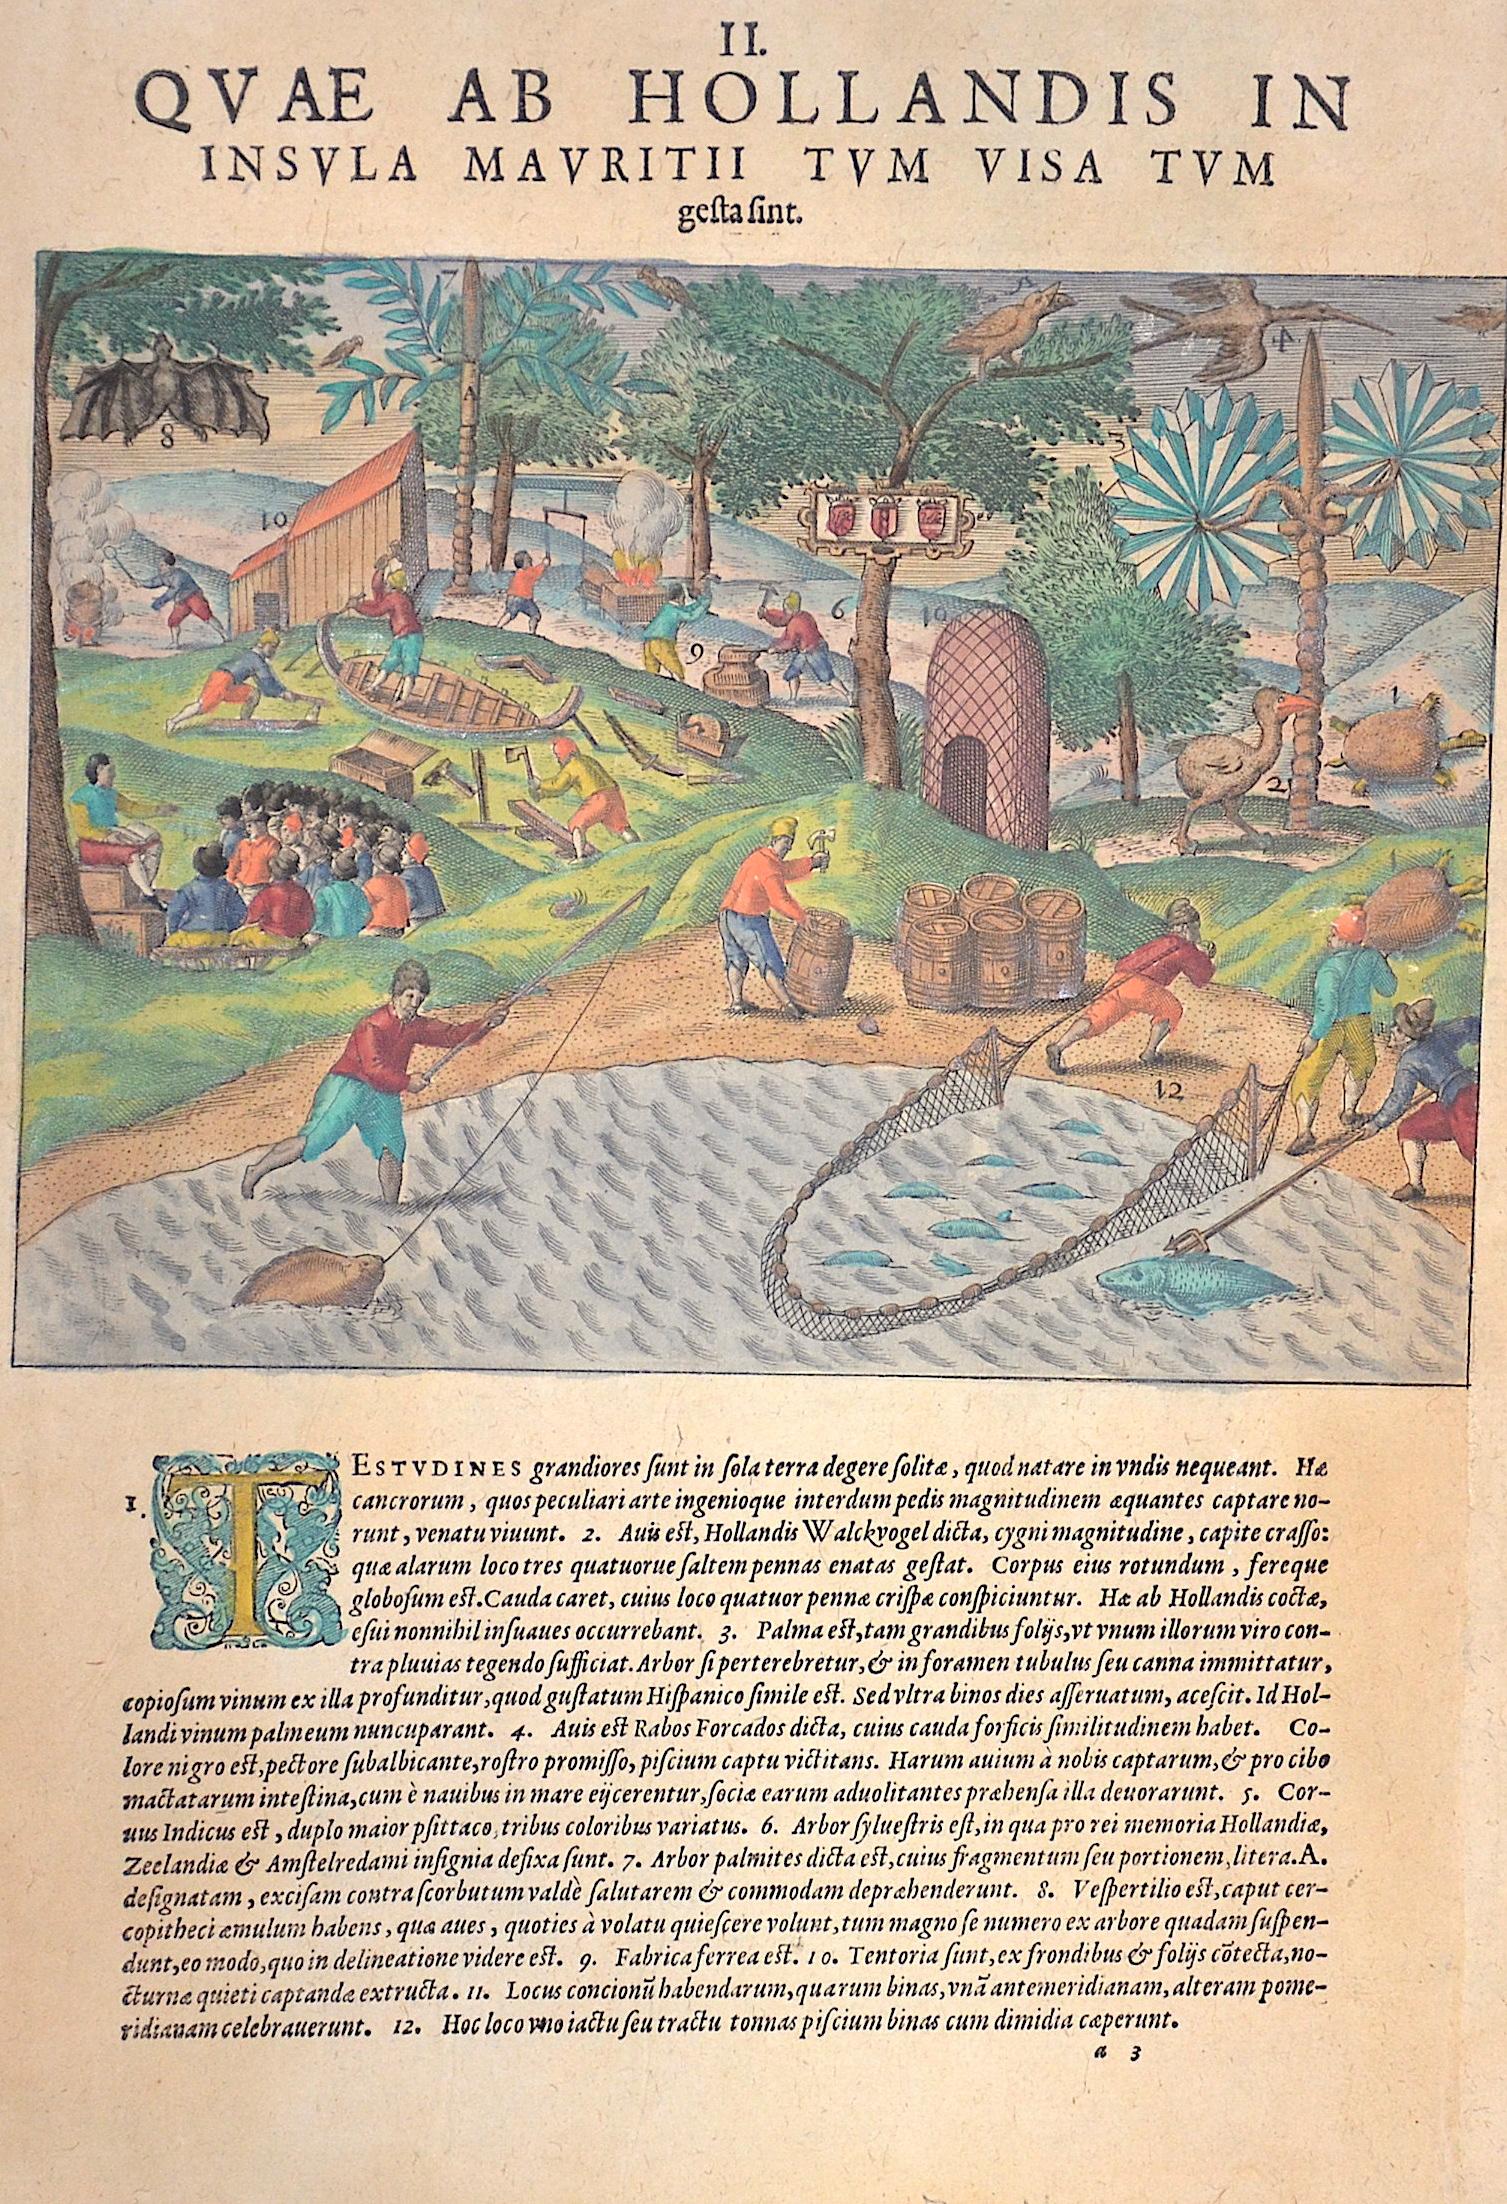 Bry, de Theodor, Dietrich Quae ab Hollandis in Insula Mauritii tum visa tum gestasint.